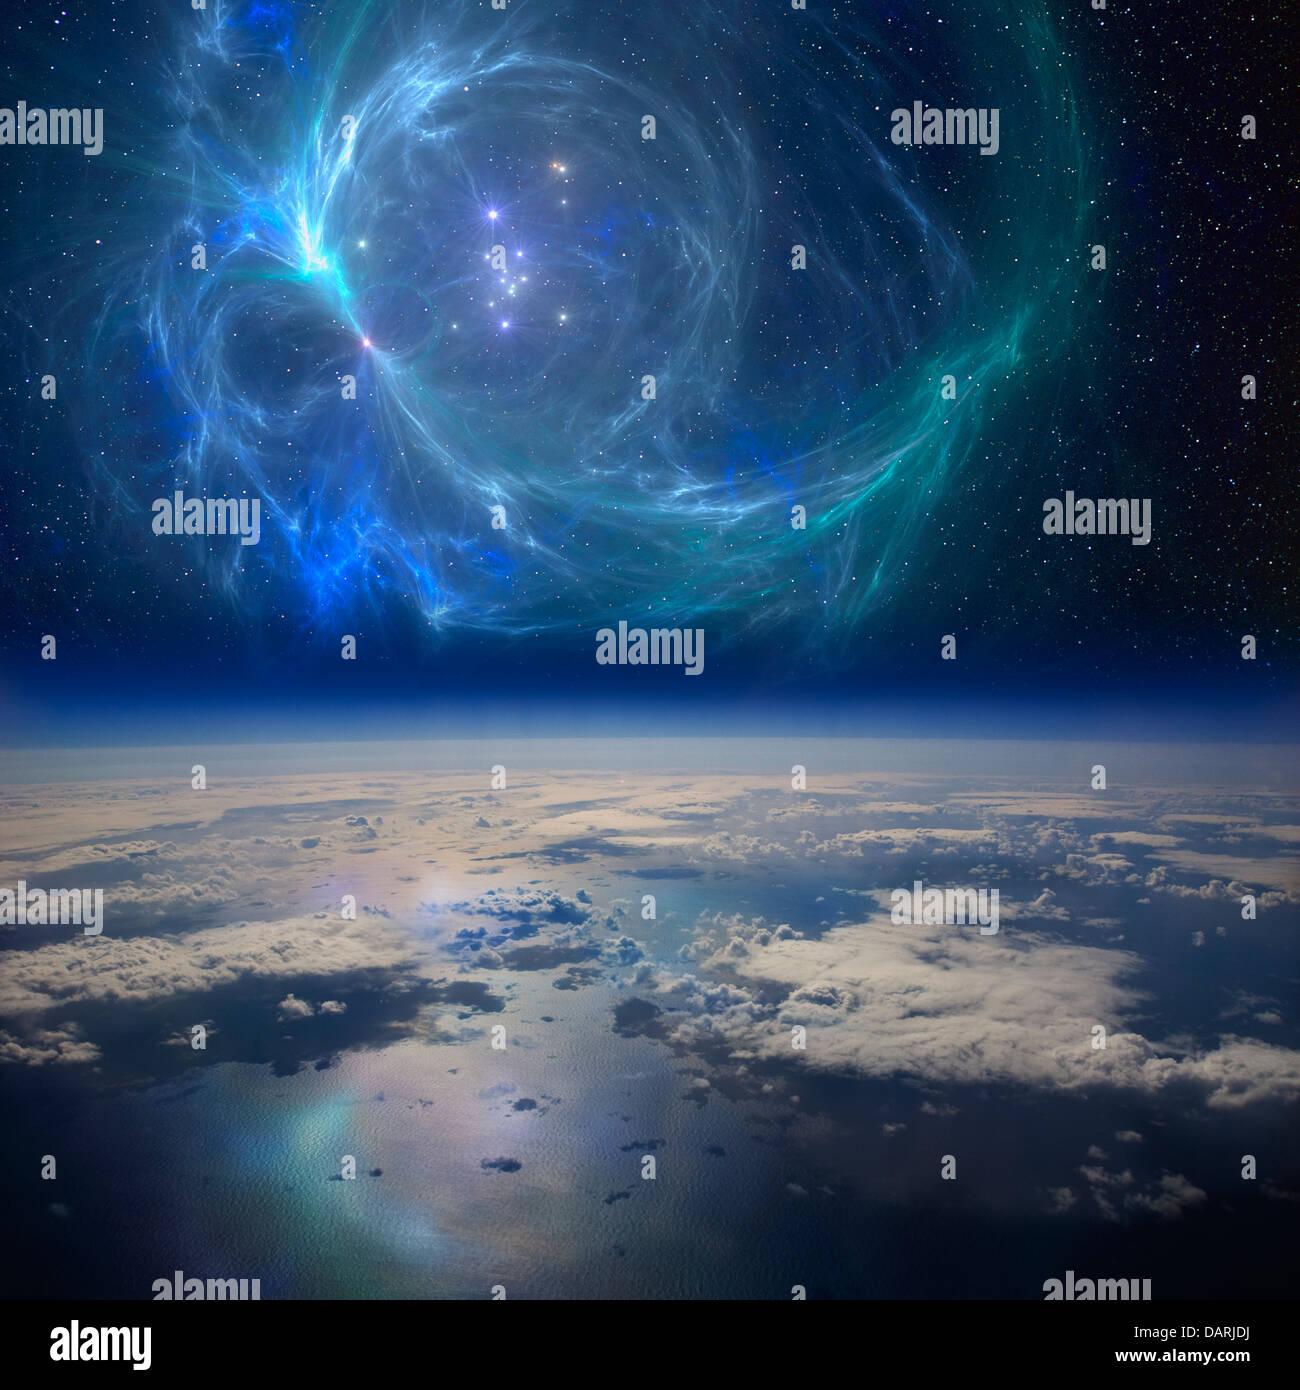 La masa cerca de una hermosa nebulosa en el espacio. Una imagen compuesta conceptual. Imagen De Stock